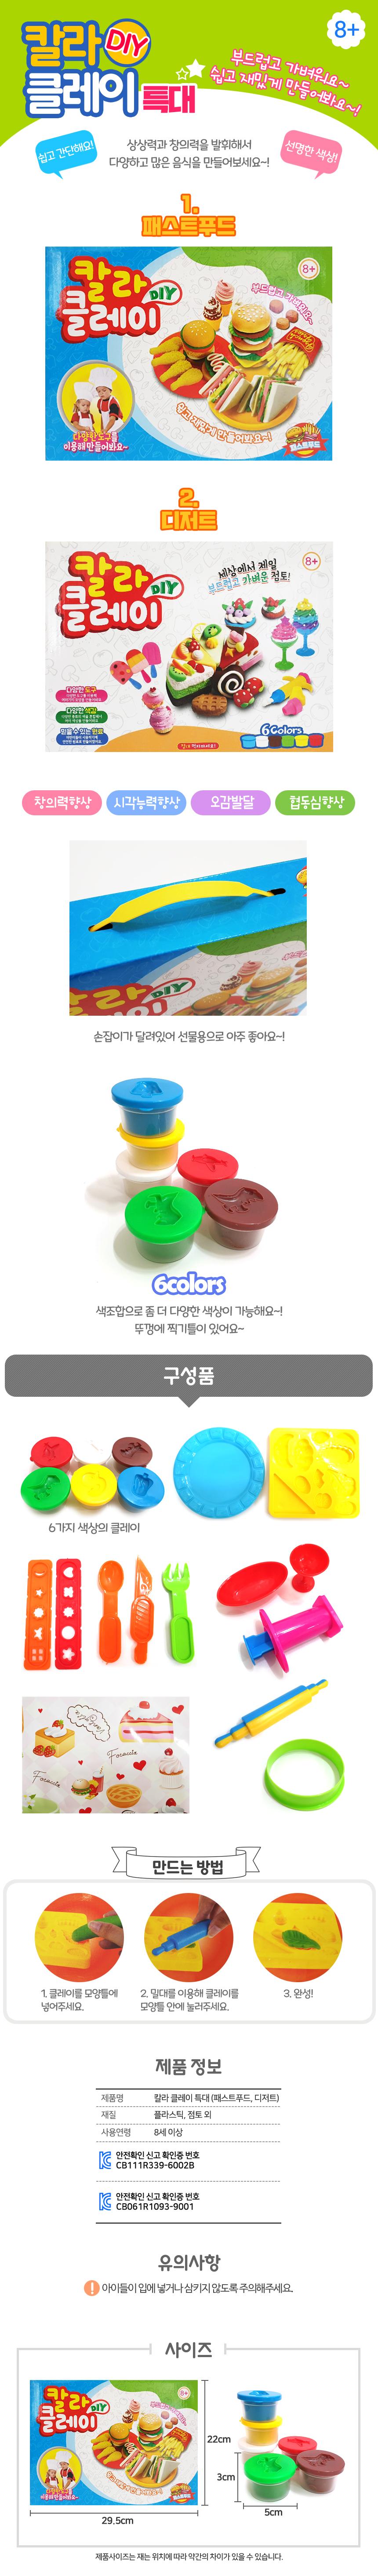 clay_lar.jpg